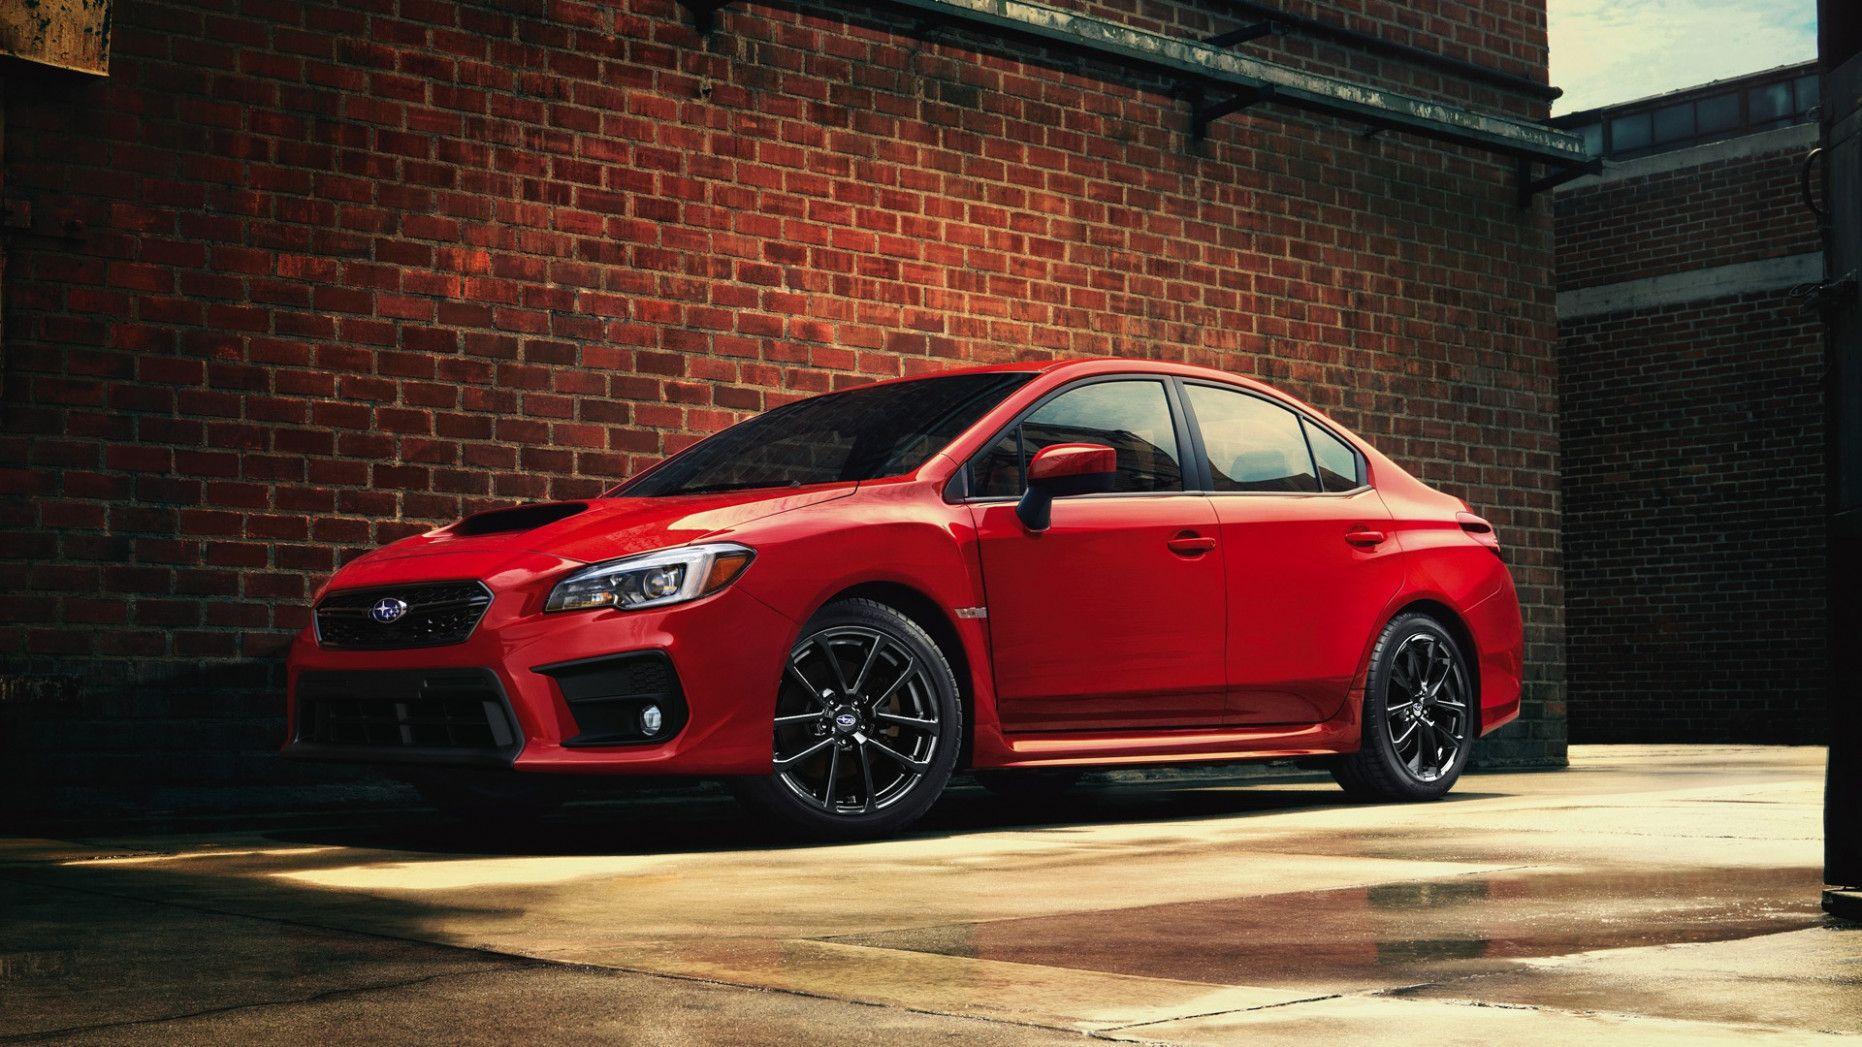 2020 Subaru Sti Wheels In 2020 Subaru Brz Sti Wrx Wrx Sti